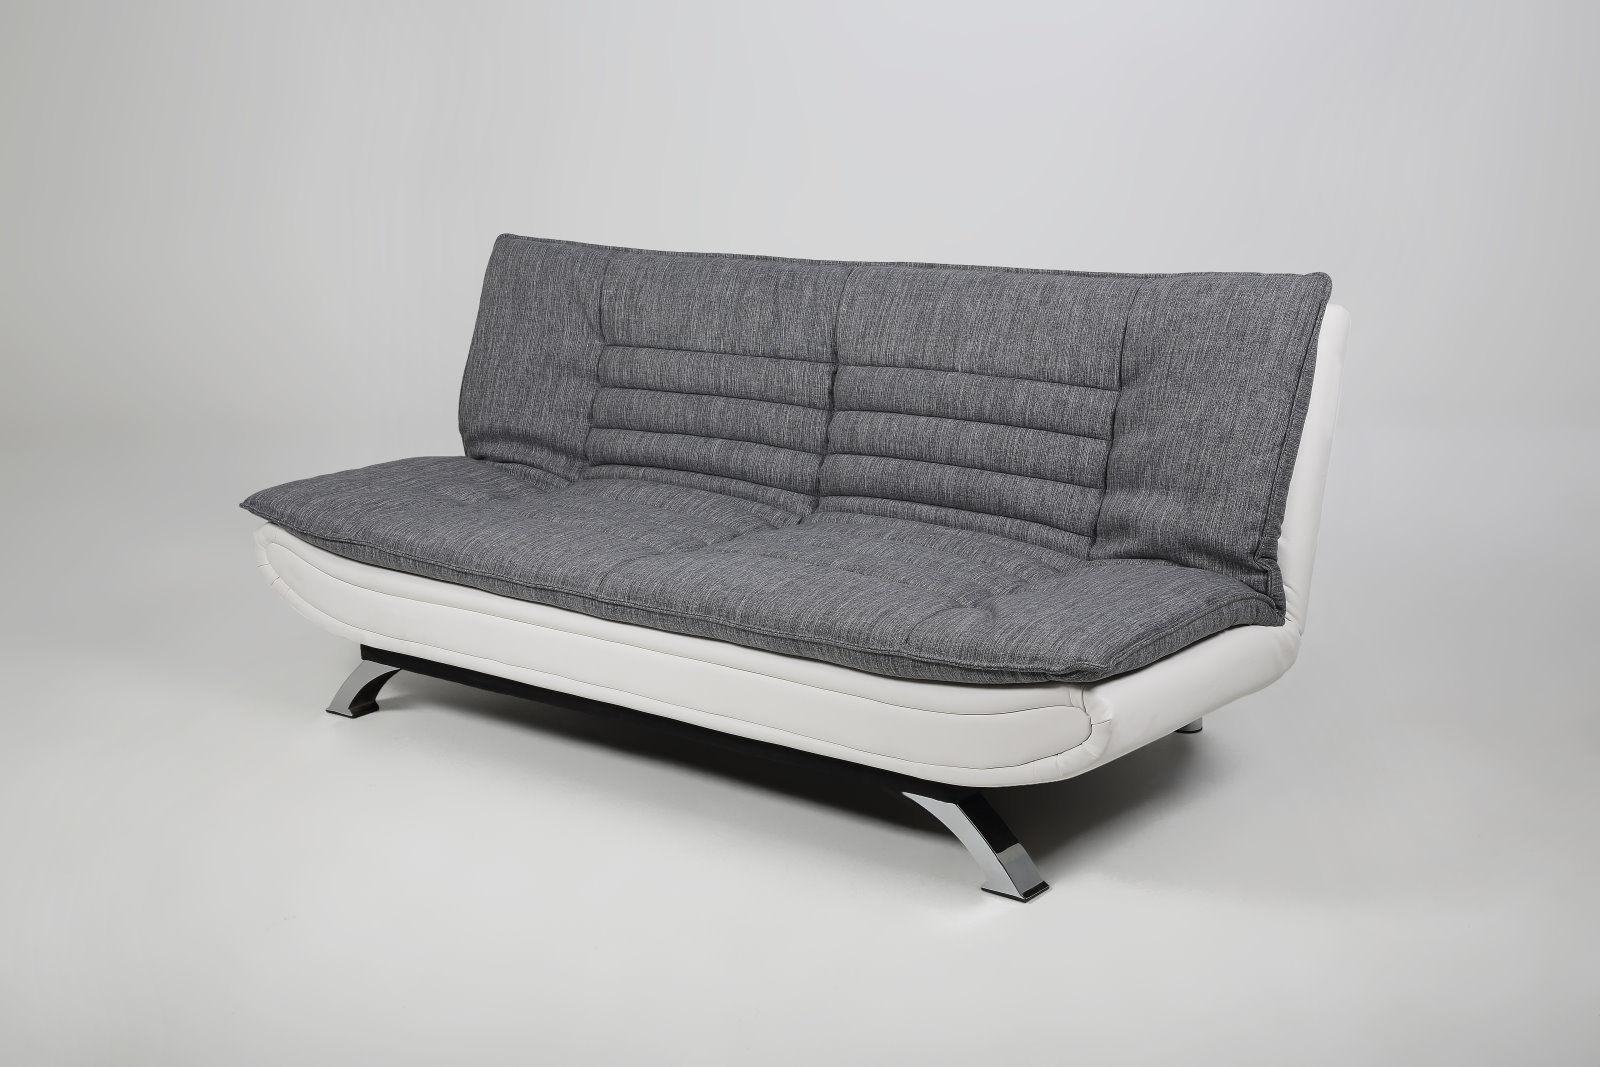 pkline schlafsofa wei grau schlafcouch funktionssofa g ste bett couch m bel wohnen wohnzimmer. Black Bedroom Furniture Sets. Home Design Ideas